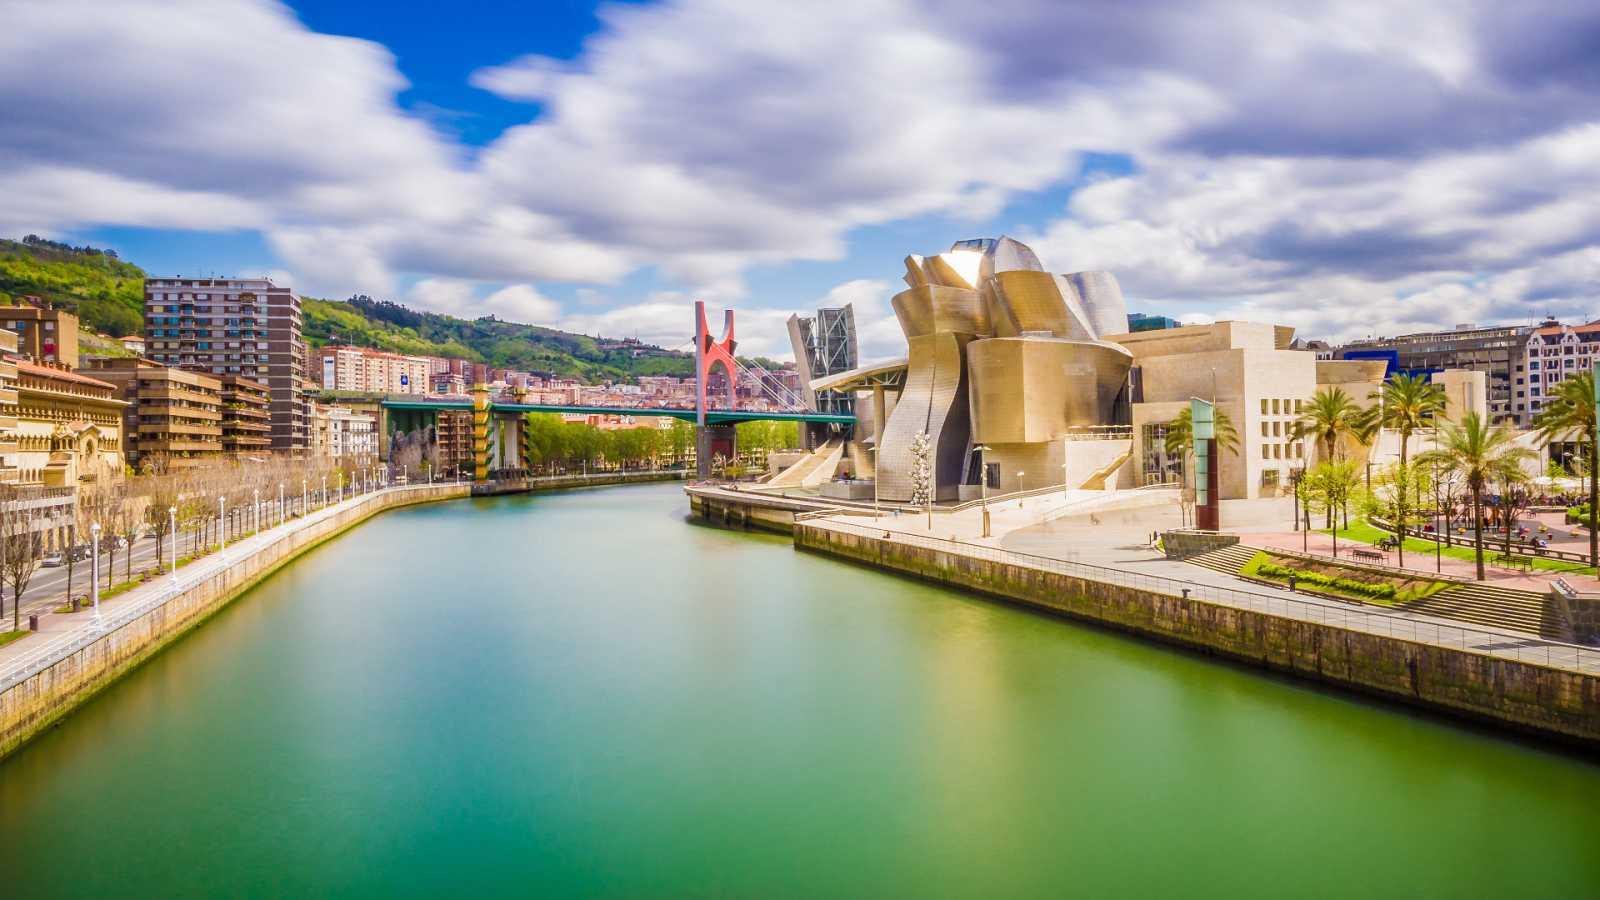 10.000 lugares para viajar con Ángela Gonzalo - Arquitectura, la apuesta ganadora de Bilbao - 29/05/21 - Escuchar ahora